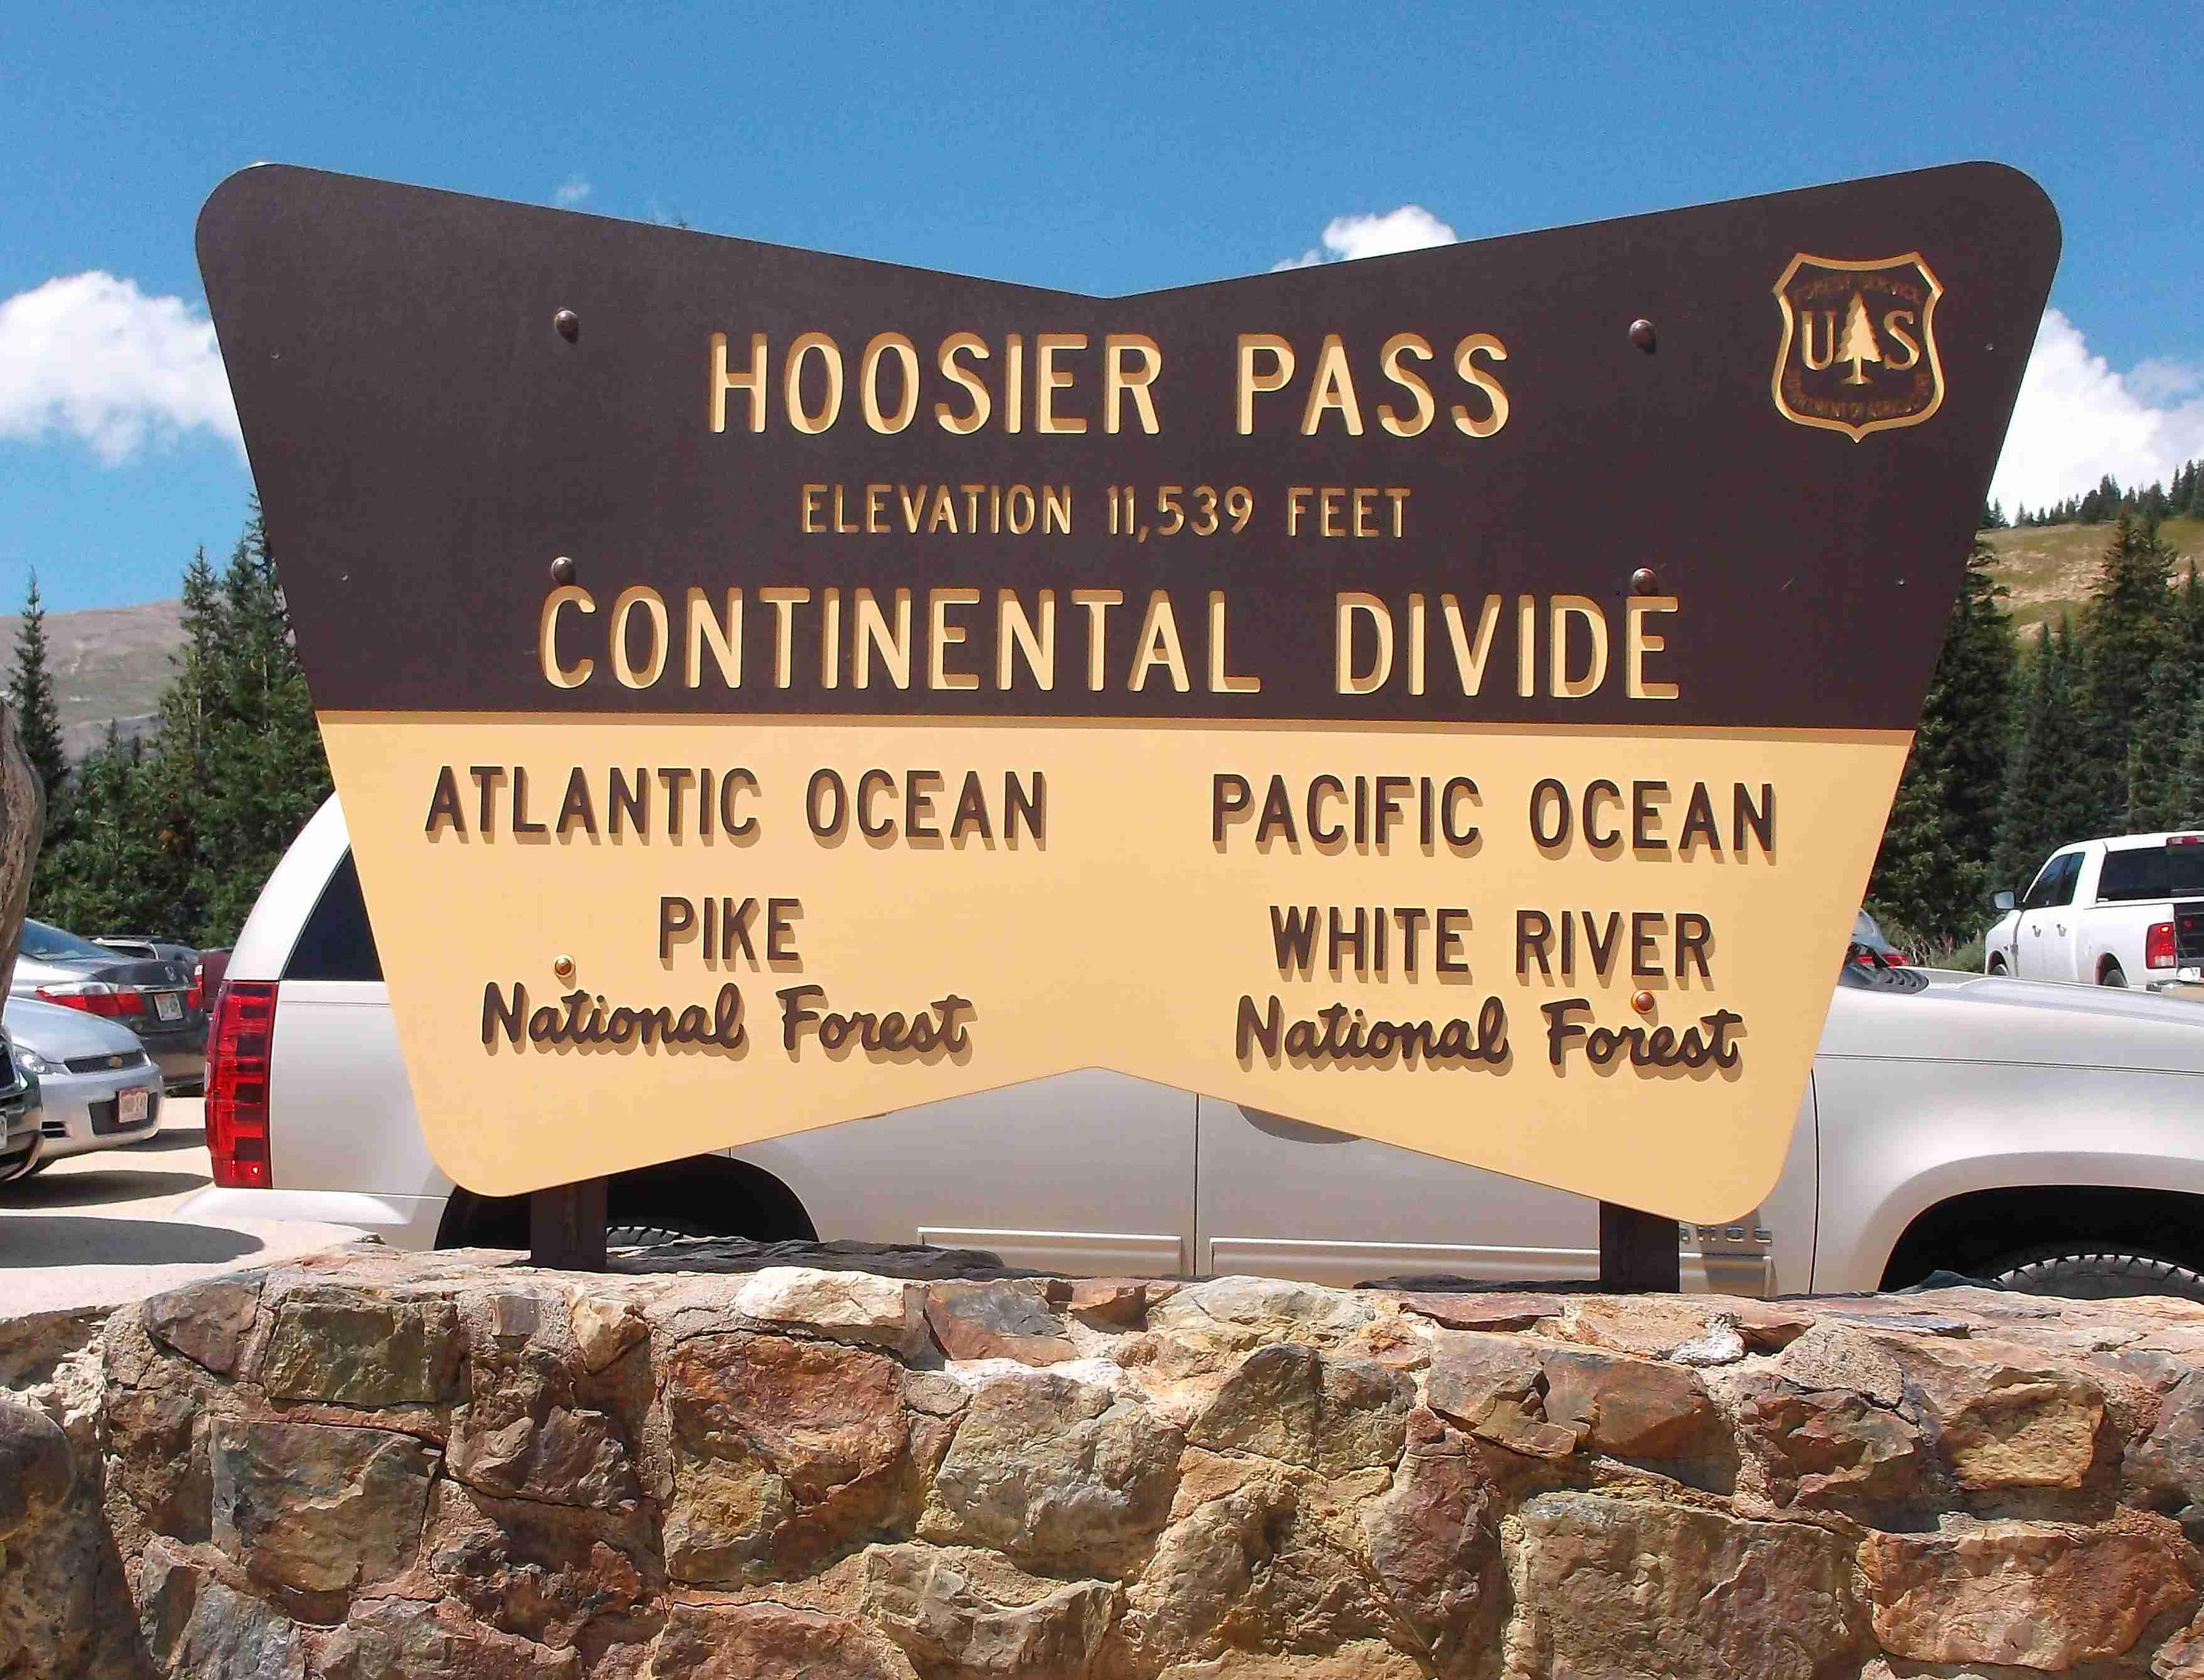 Hoosier Pass 11,539